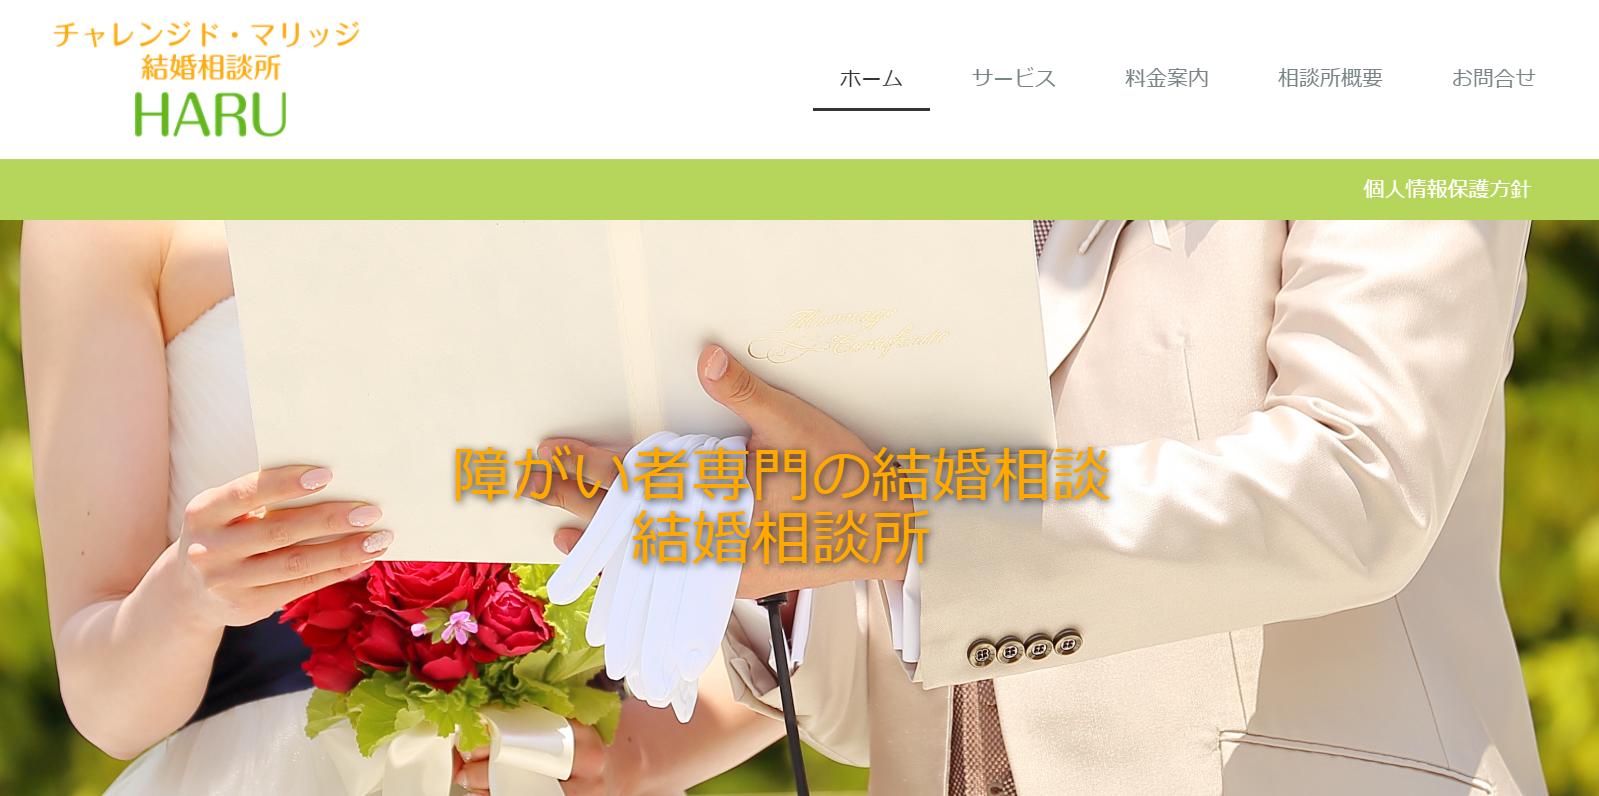 五反田 結婚相談所 チャレンジド・マリッジ結婚相談所HARU